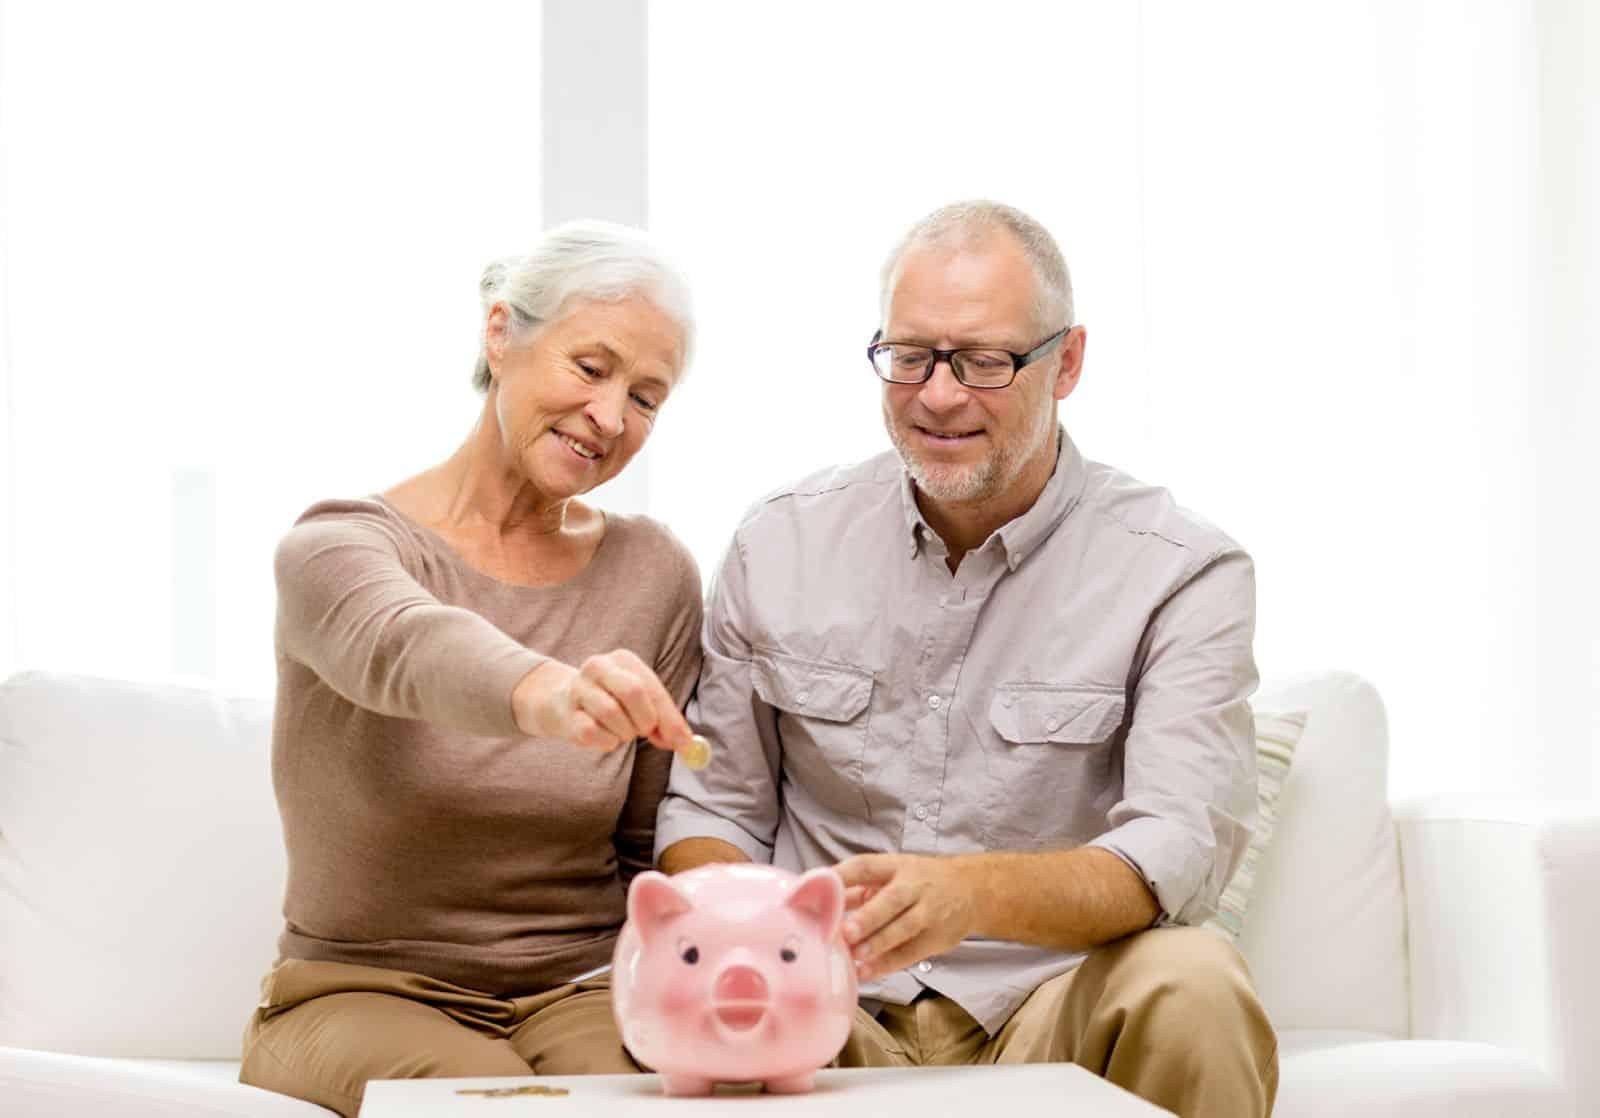 Как учитывается ипк если пенсионный возраст в конце года